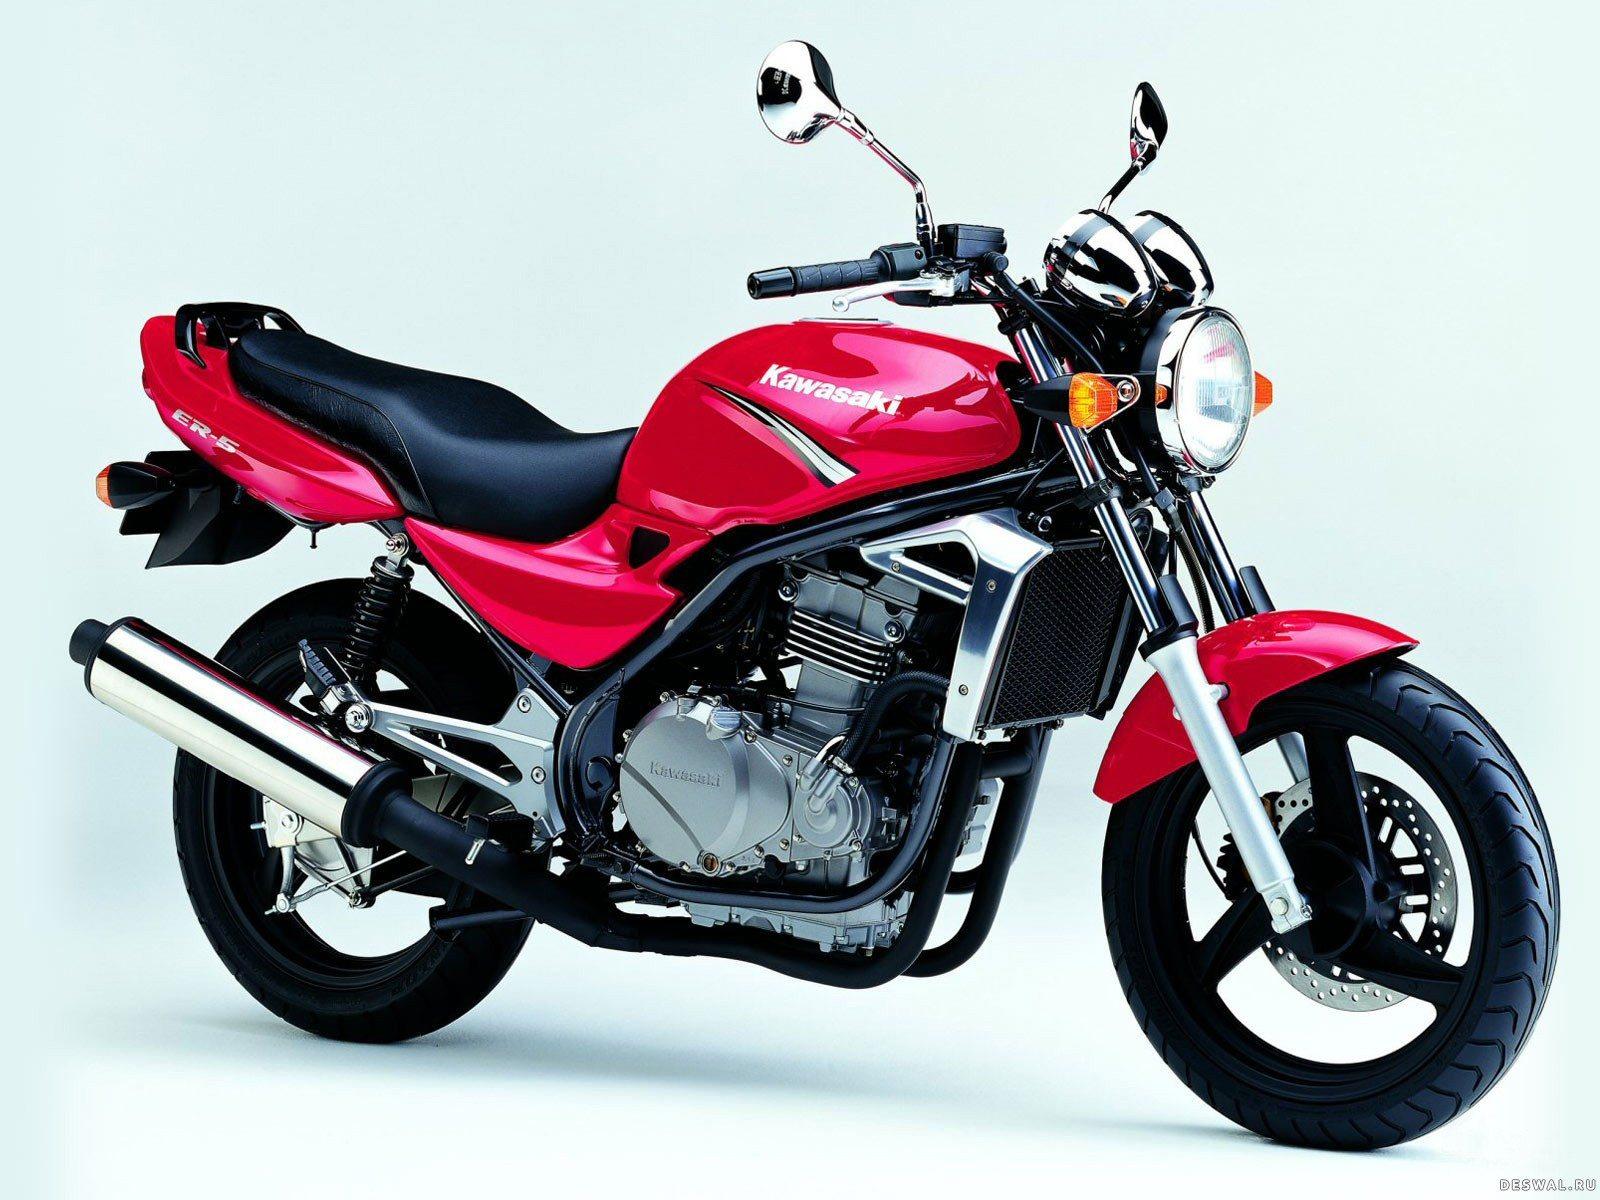 Кавасаки на хорошей обои. Нажмите на картинку с обоями мотоцикла kawasaki, чтобы просмотреть ее в реальном размере